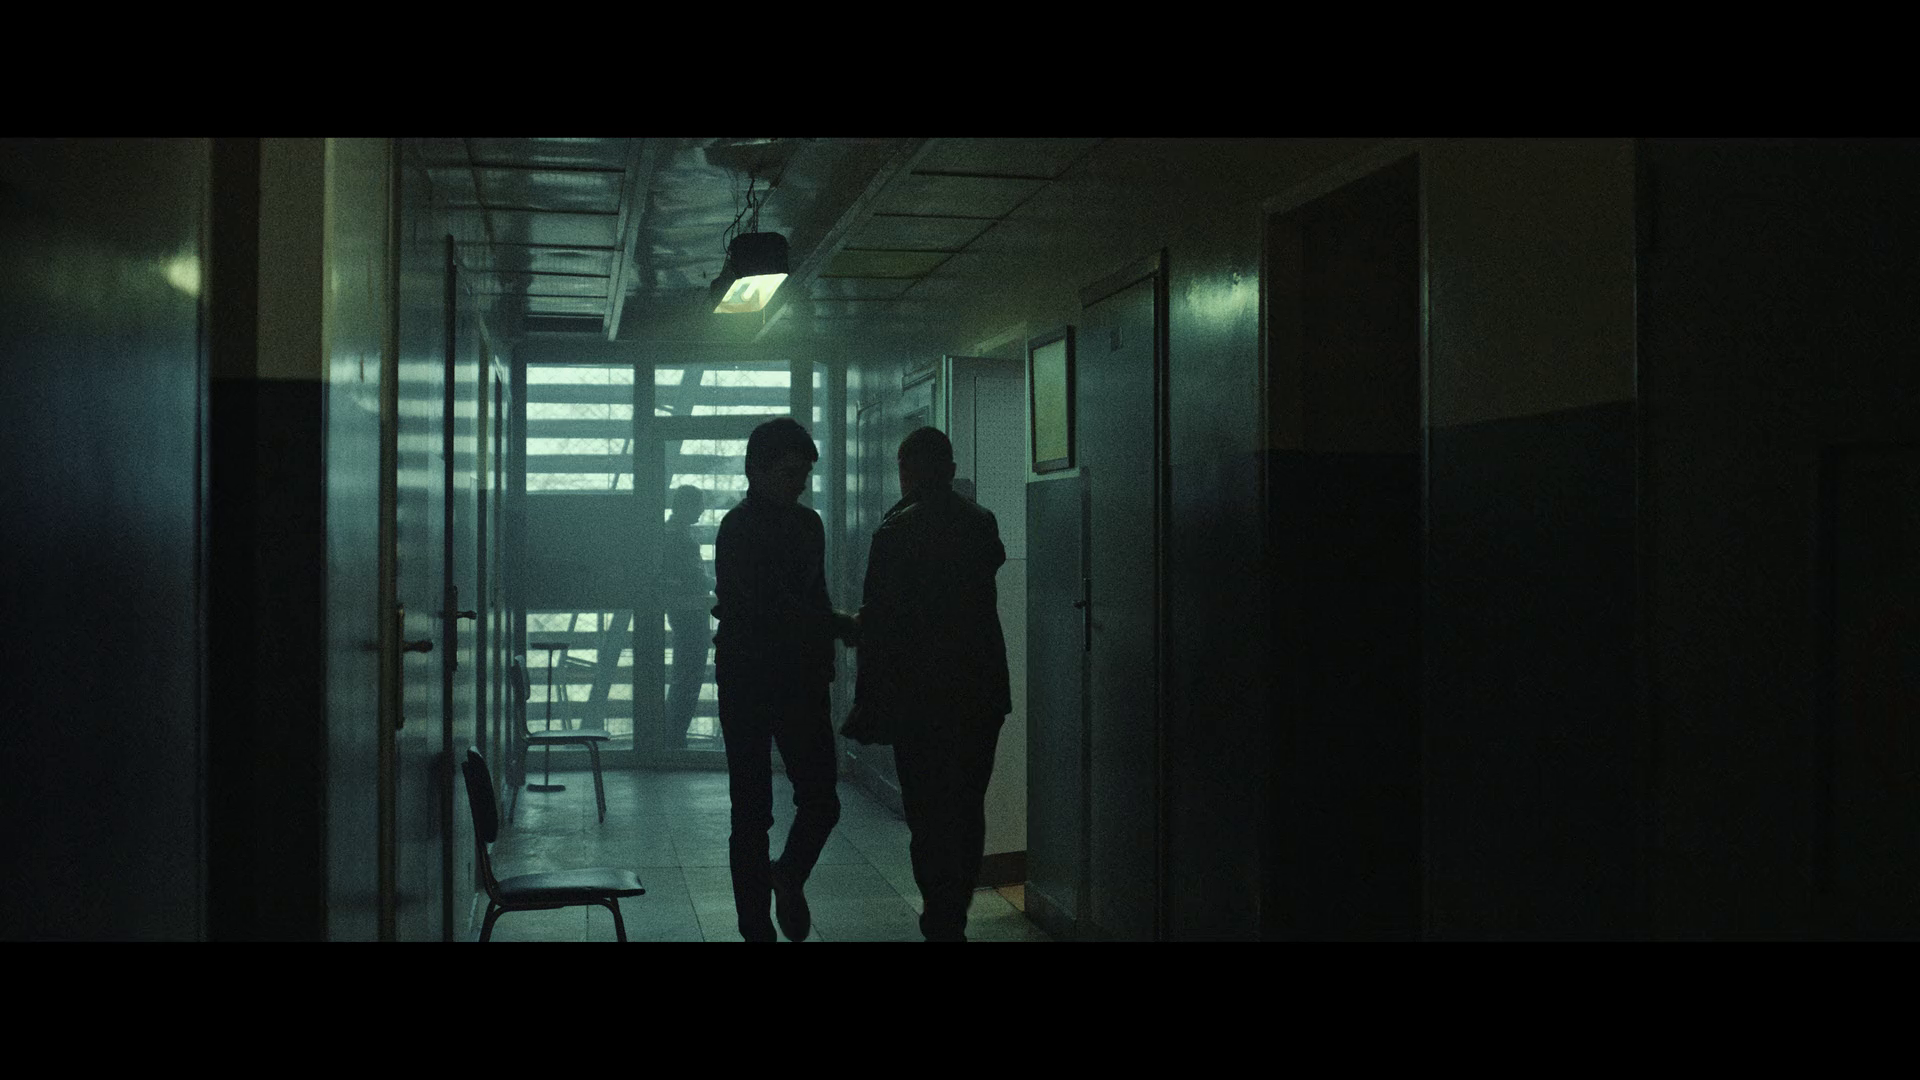 悠悠MP4_MP4电影下载_[风信子][WEB-MKV/6.36GB][中文字幕][1080P][犯罪,波兰,电影,同性,动作,剧情]